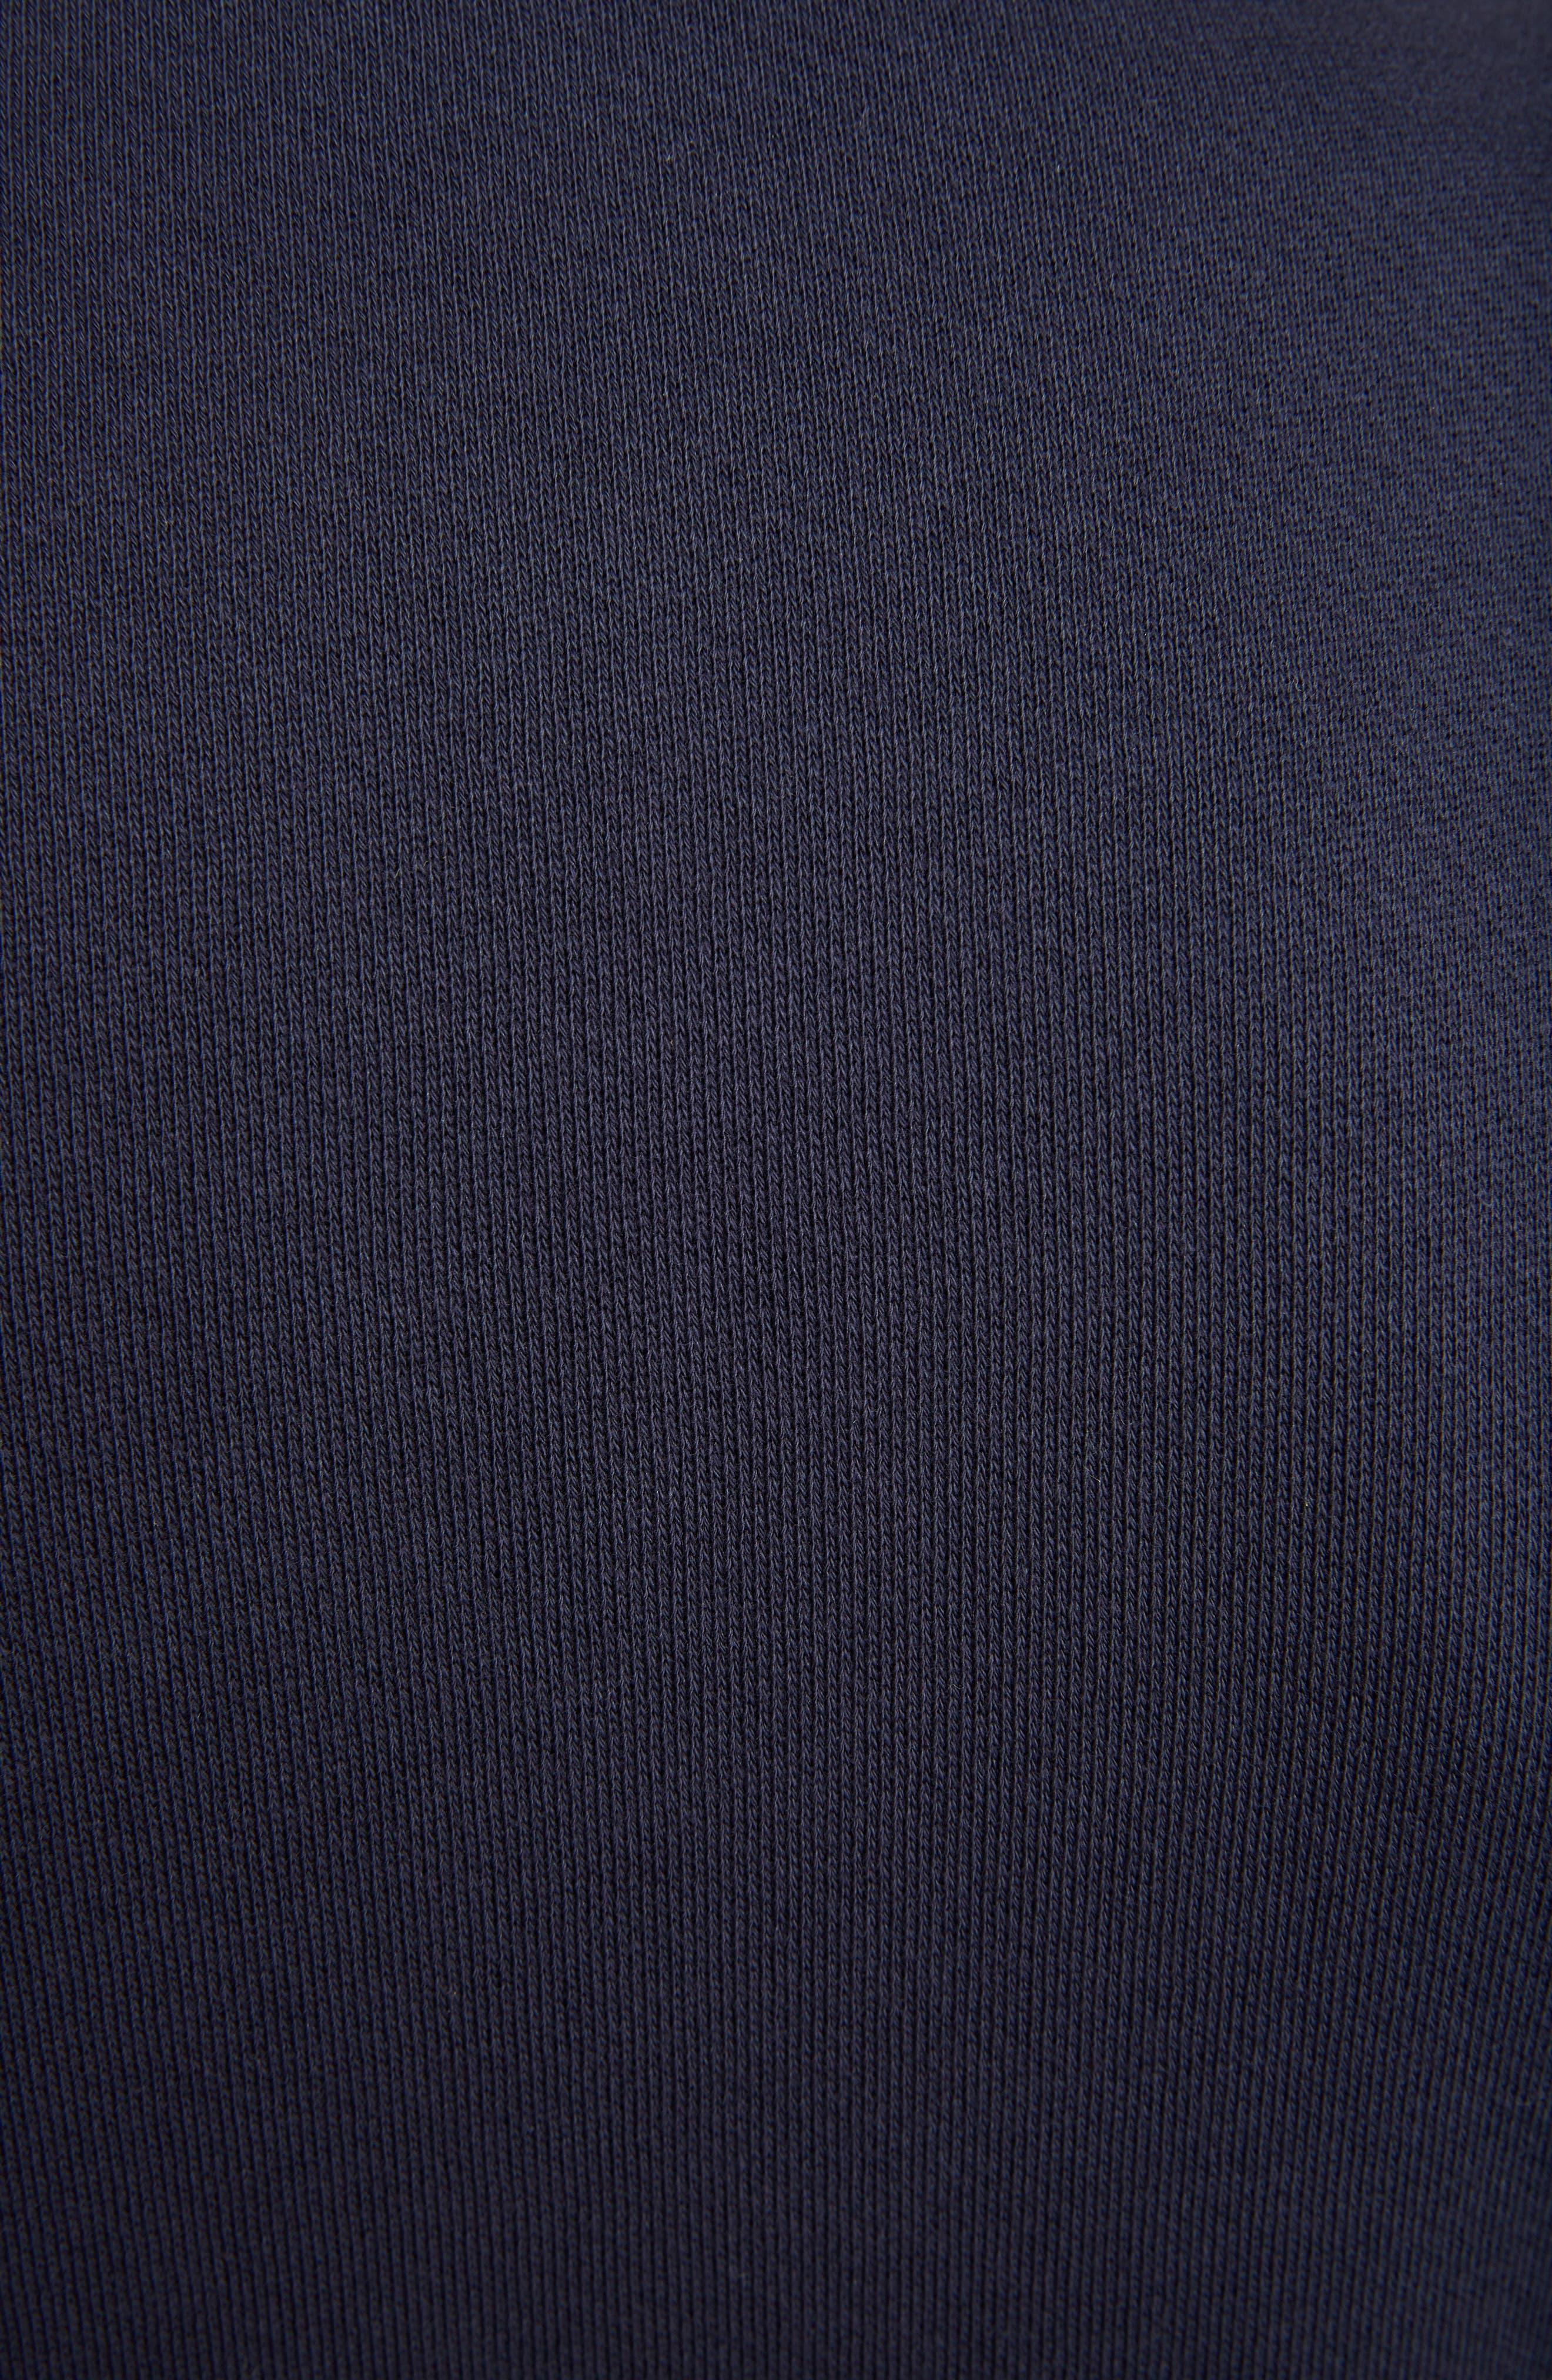 LOEWE, Anagram Sweatshirt, Alternate thumbnail 5, color, 5387-NAVY BLUE/ MULTICOLOR